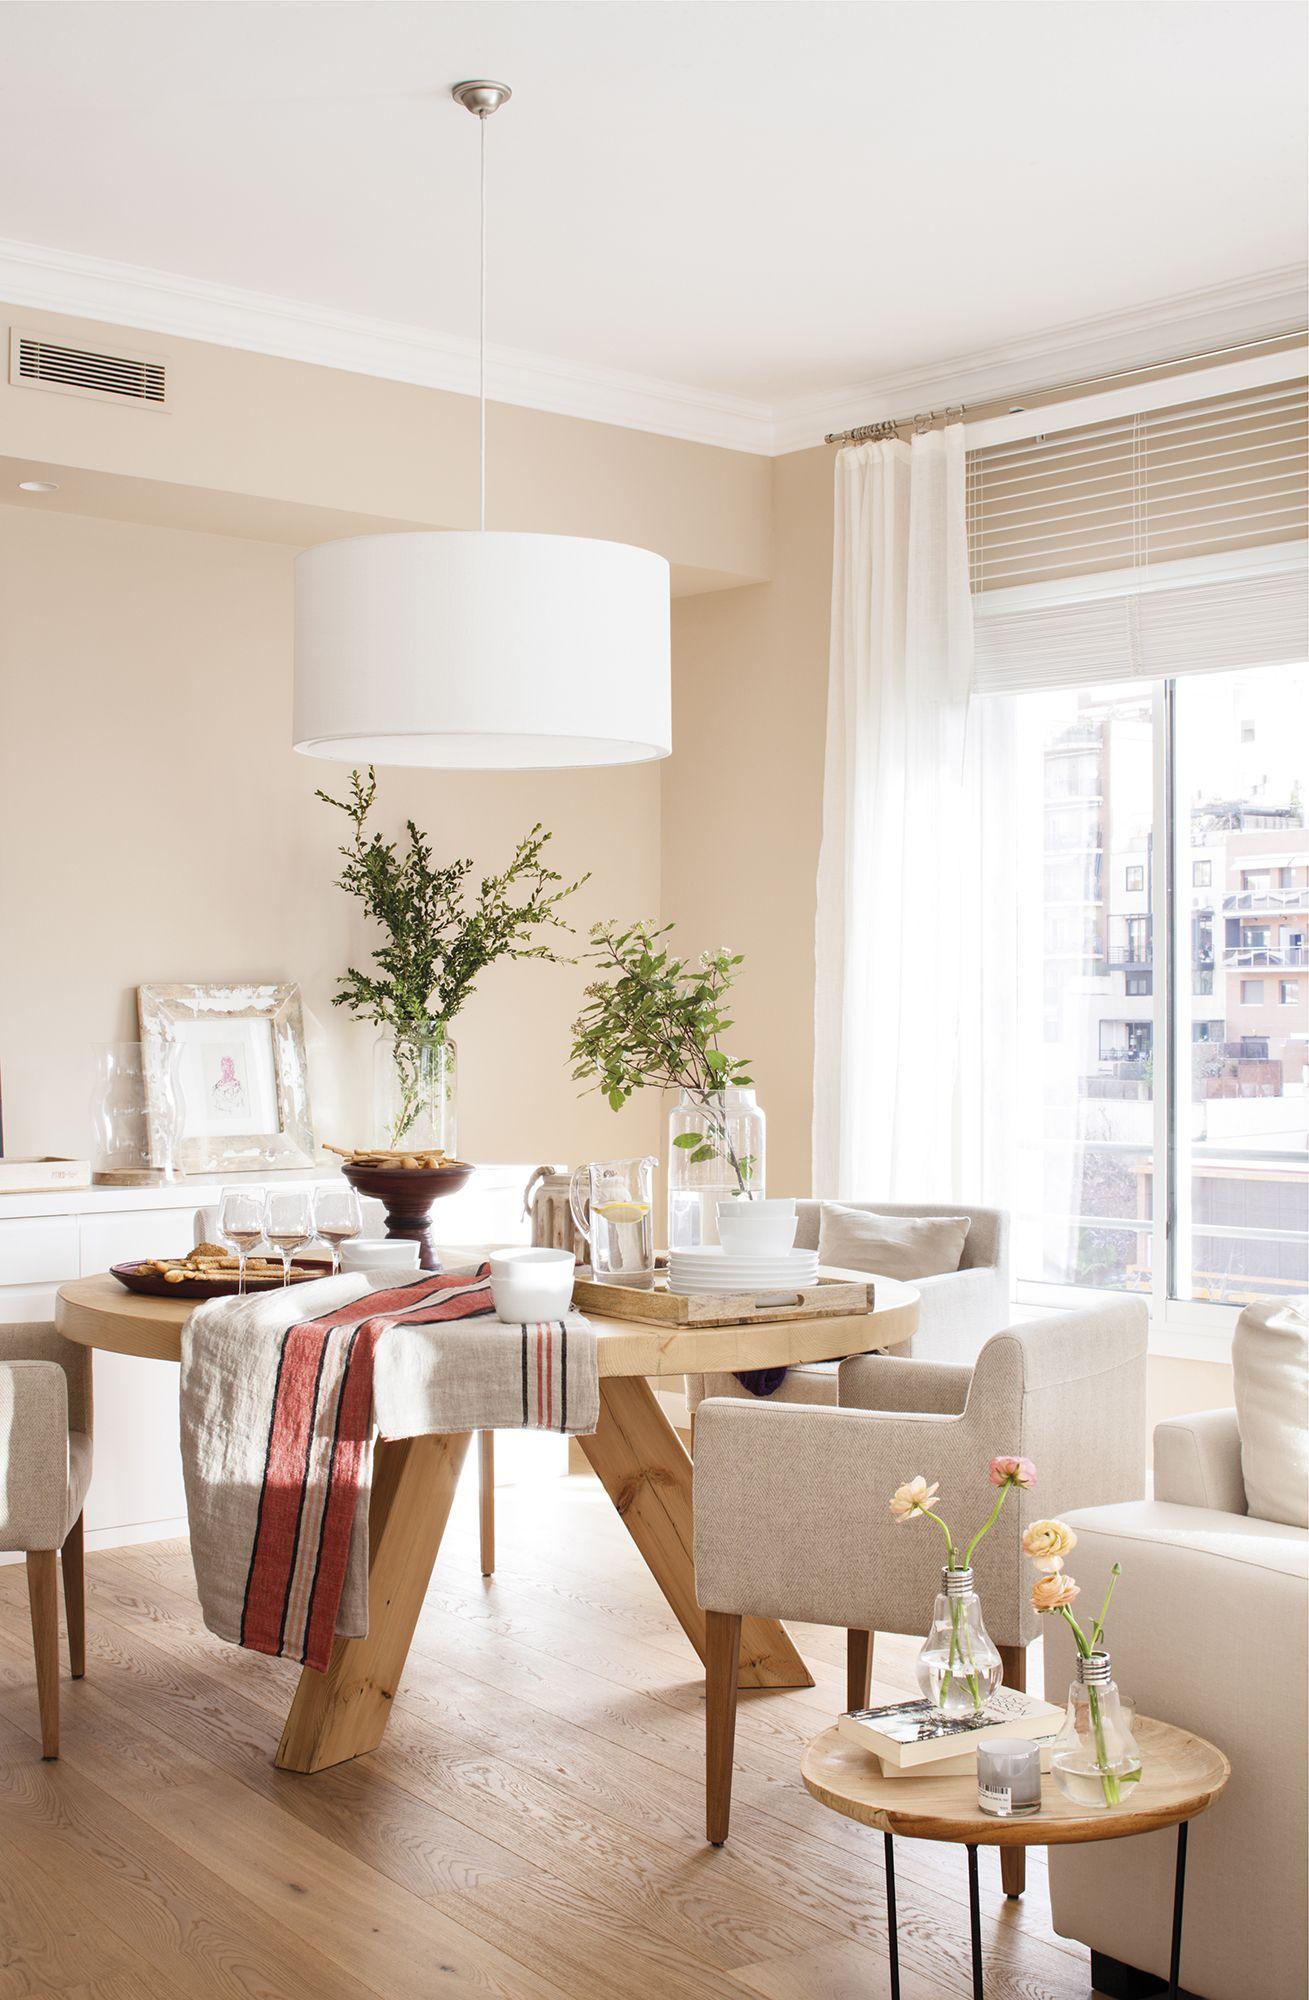 MG 55592. Comedor junto al salón con mesa redonda y butacas beige_MG ...